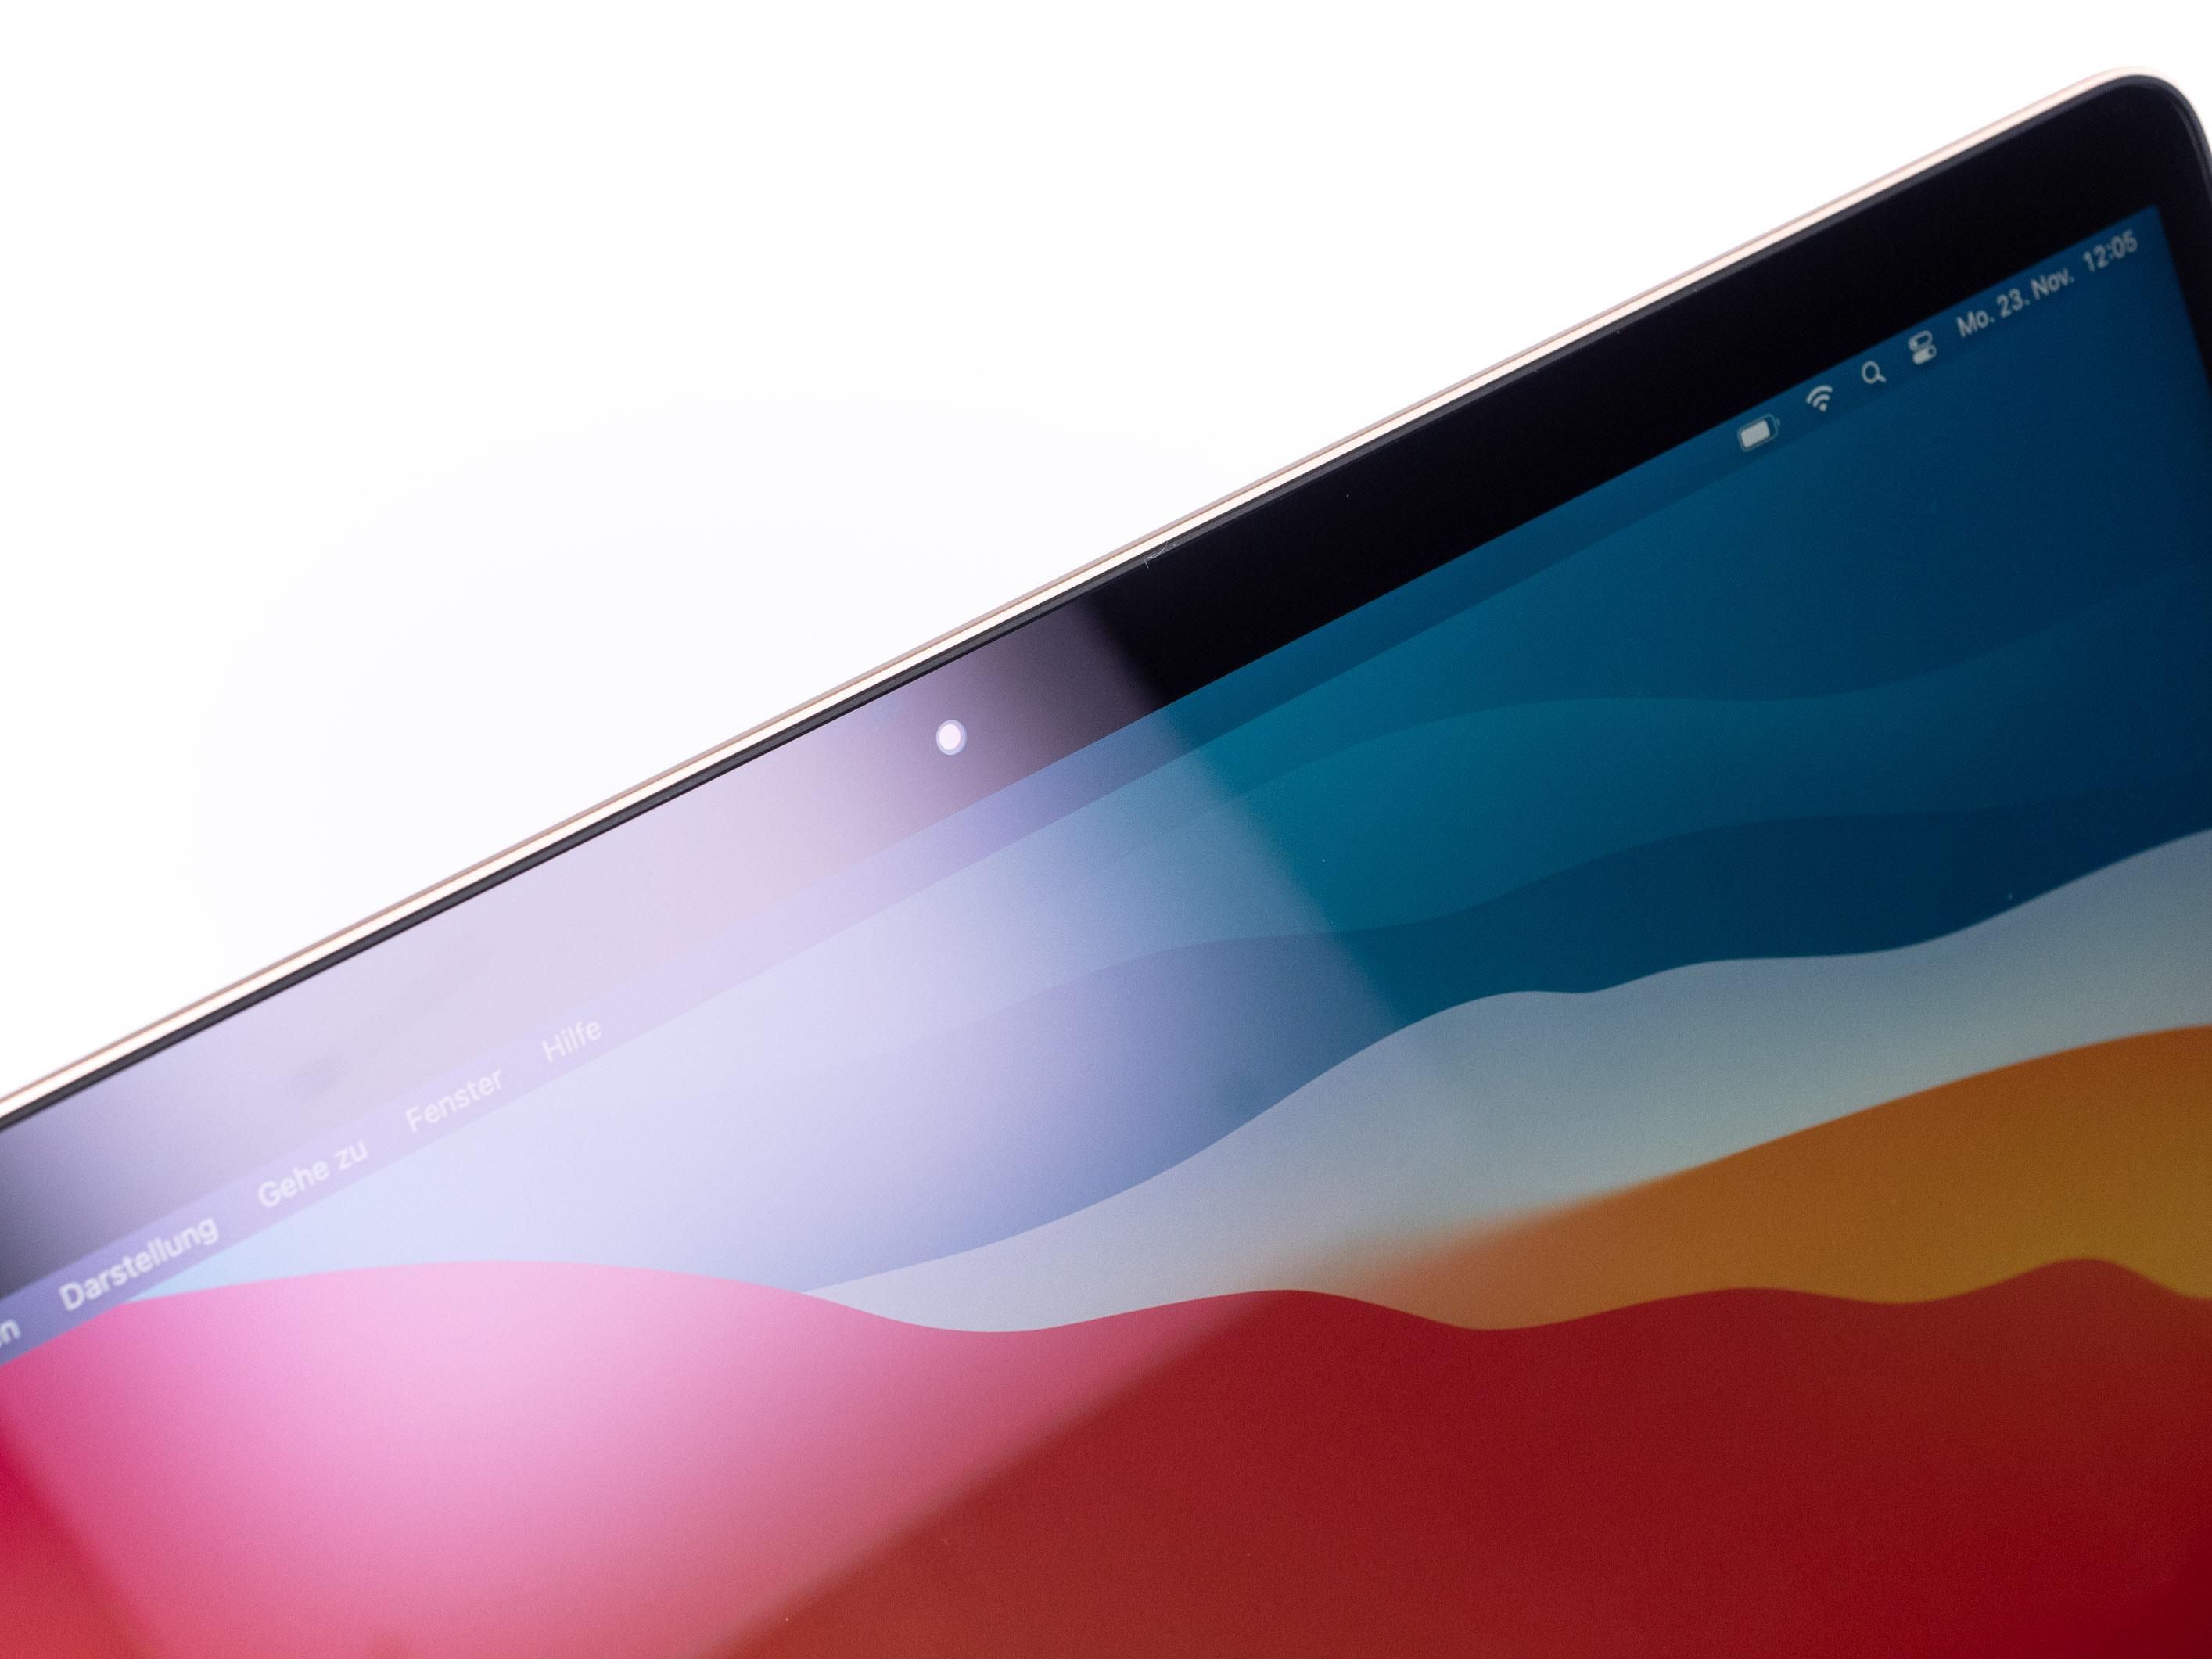 Macbook Air mit Apple Silicon im Test: Das beste Macbook braucht kein Intel - Das Display ist zwar hell, spiegelt aber stark. (Bild: Martin Wolf/Golem.de)